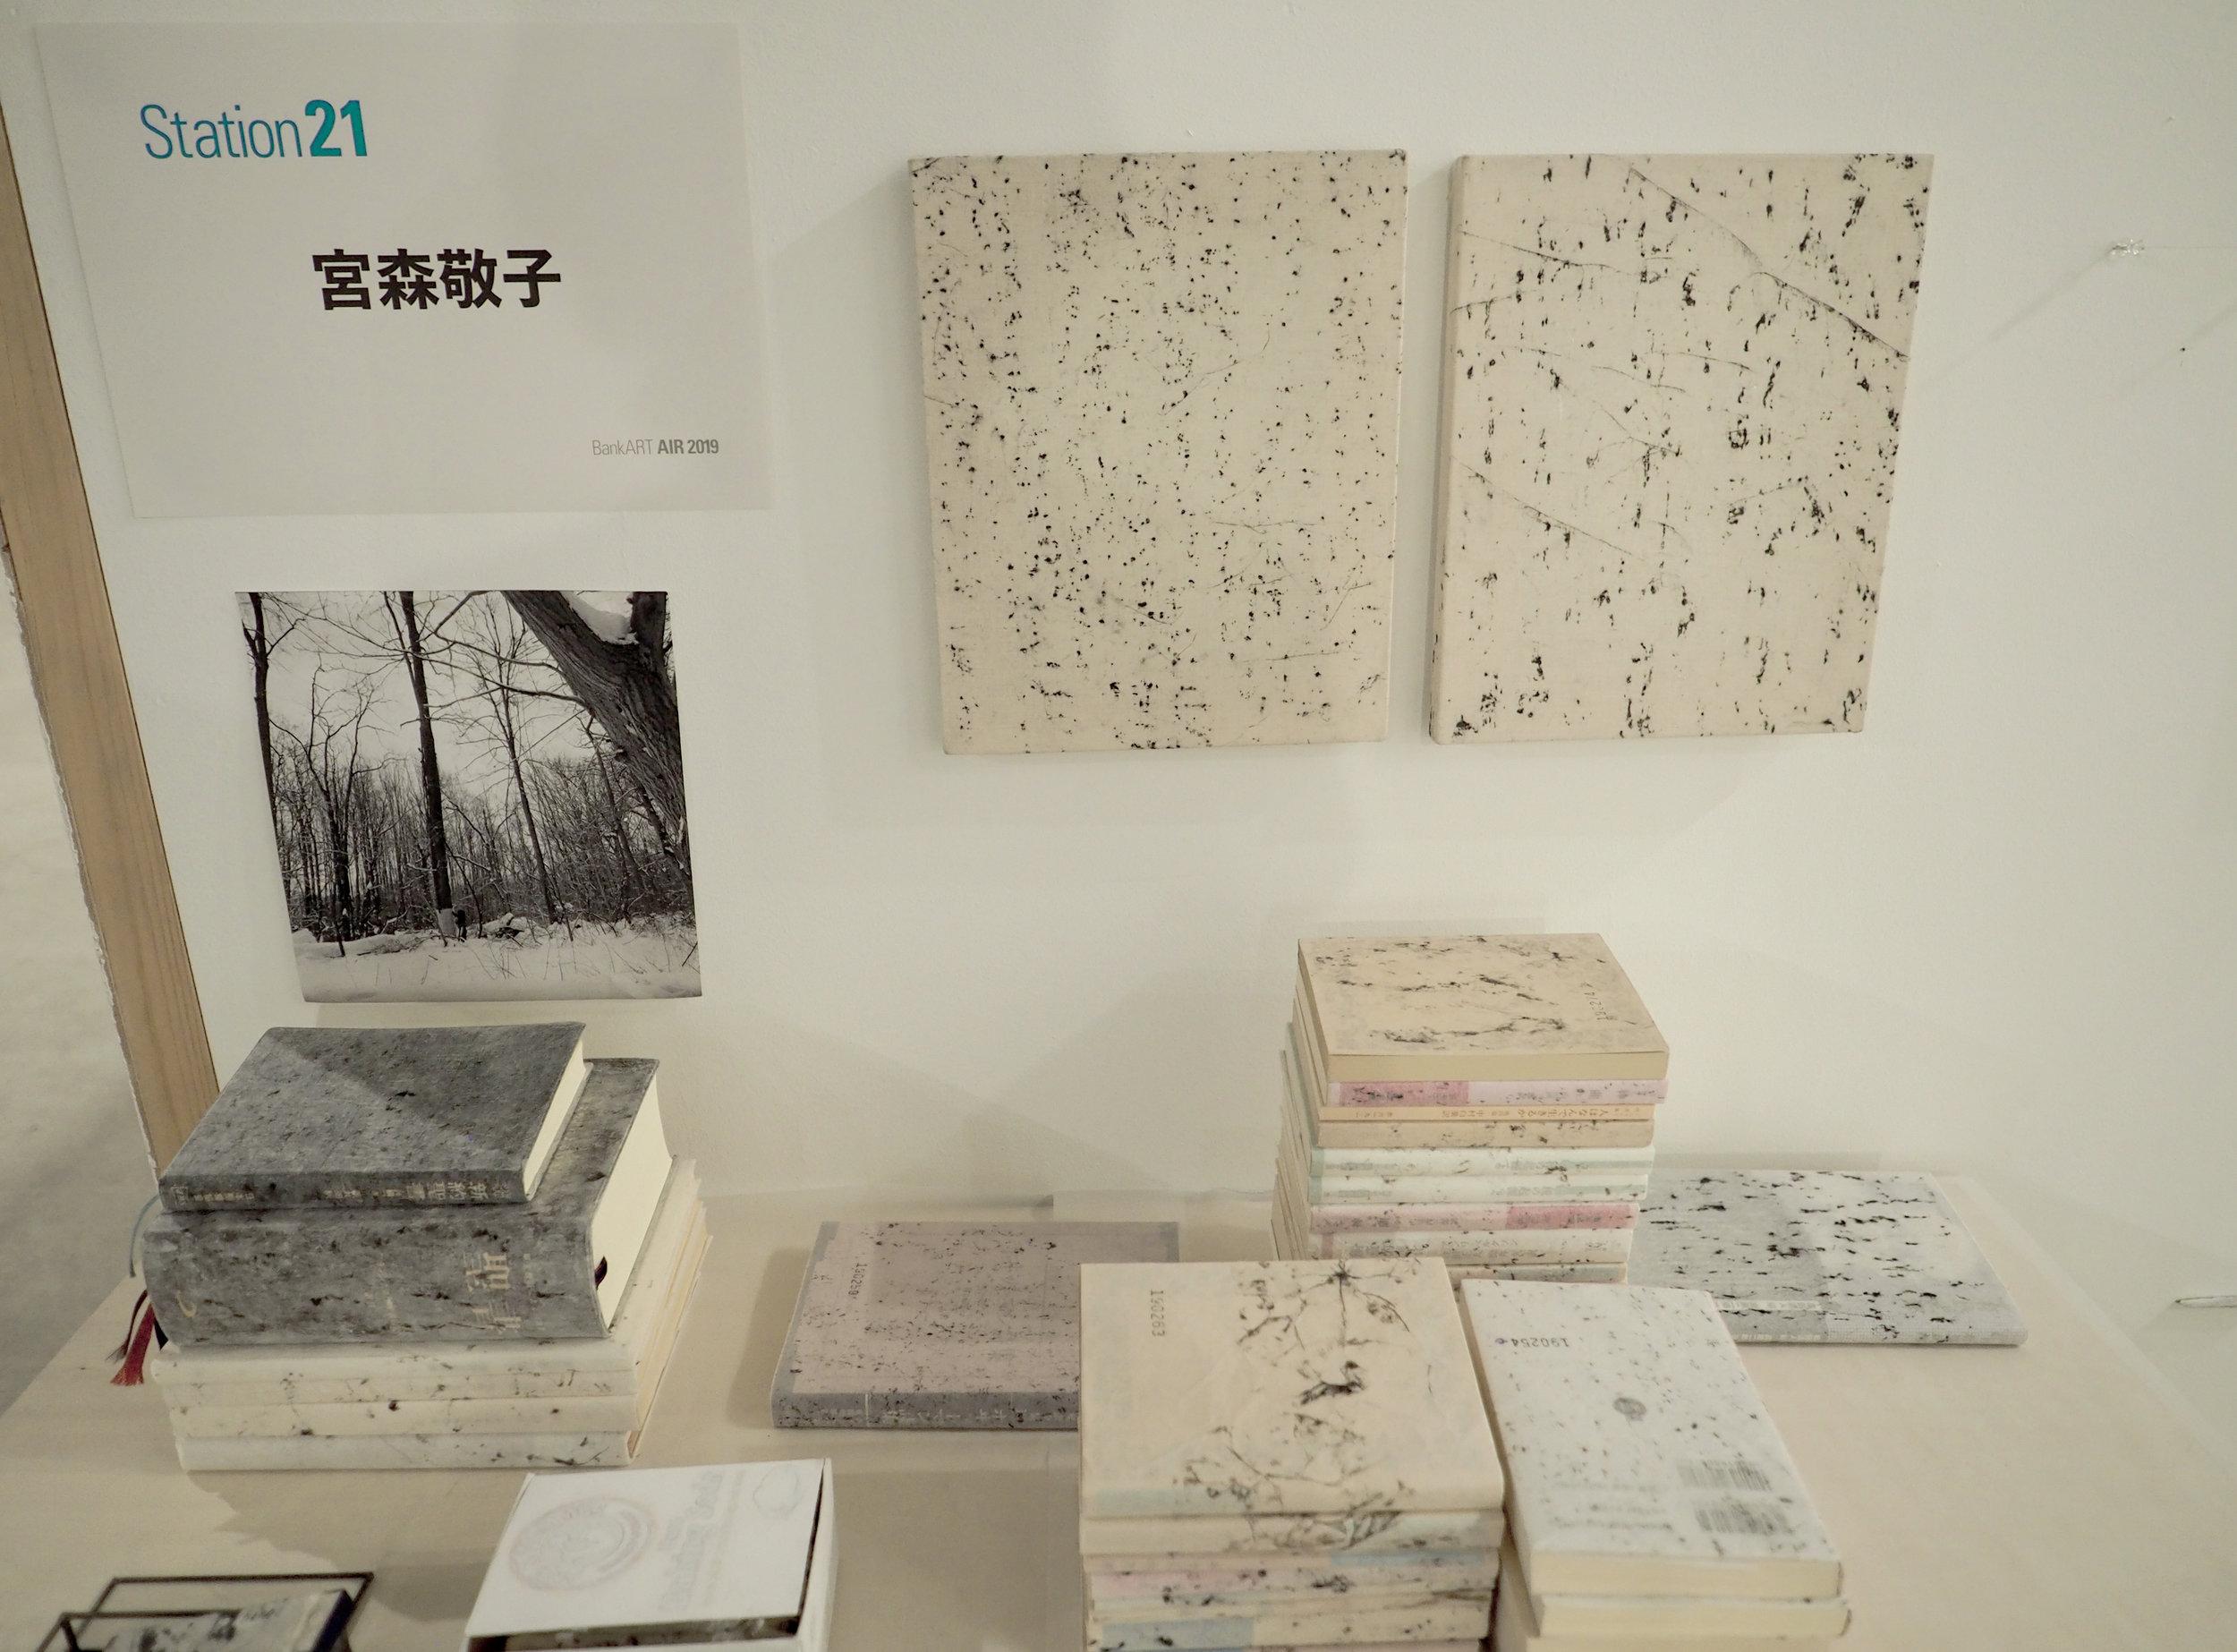 Booth 21, Keiko Miyamori, at BankART 1929 Station, Spring Residency 2019 in Yokohama, Japan.